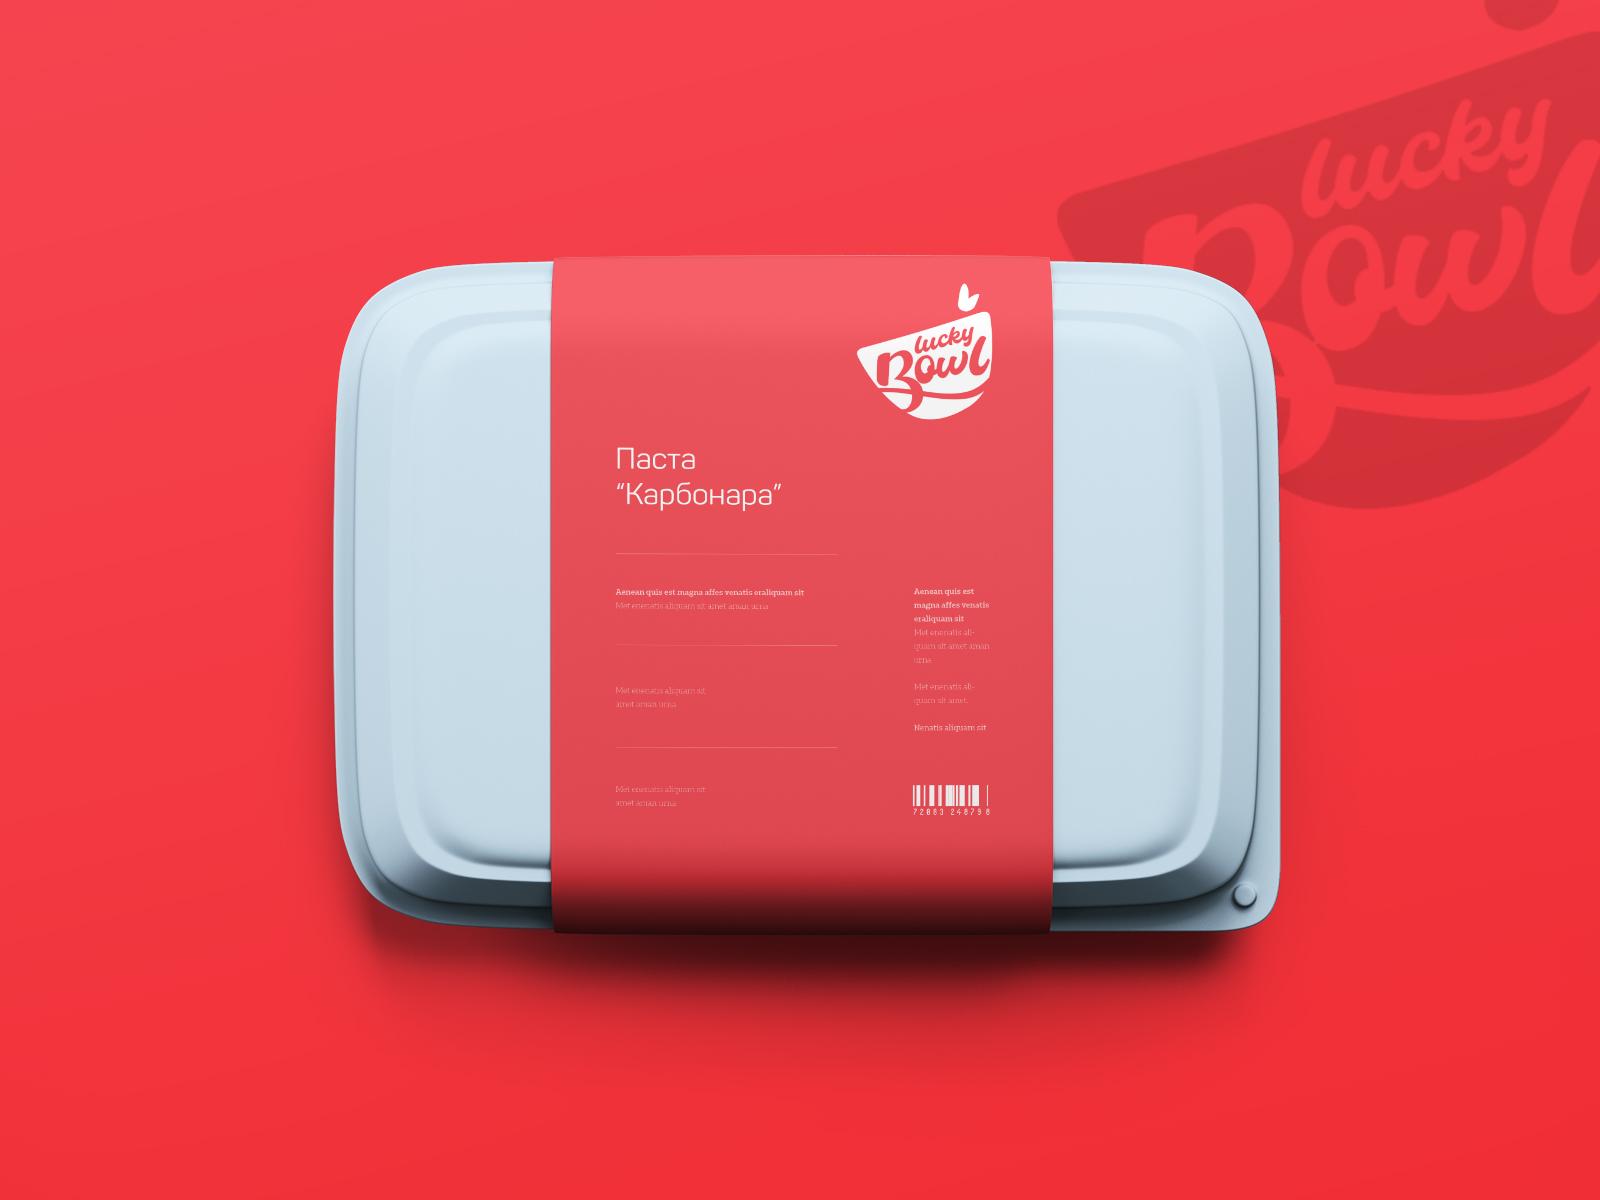 Создать логотип, фирменный стиль, айдентика, брендбук. фото f_6356024486cb4044.jpg